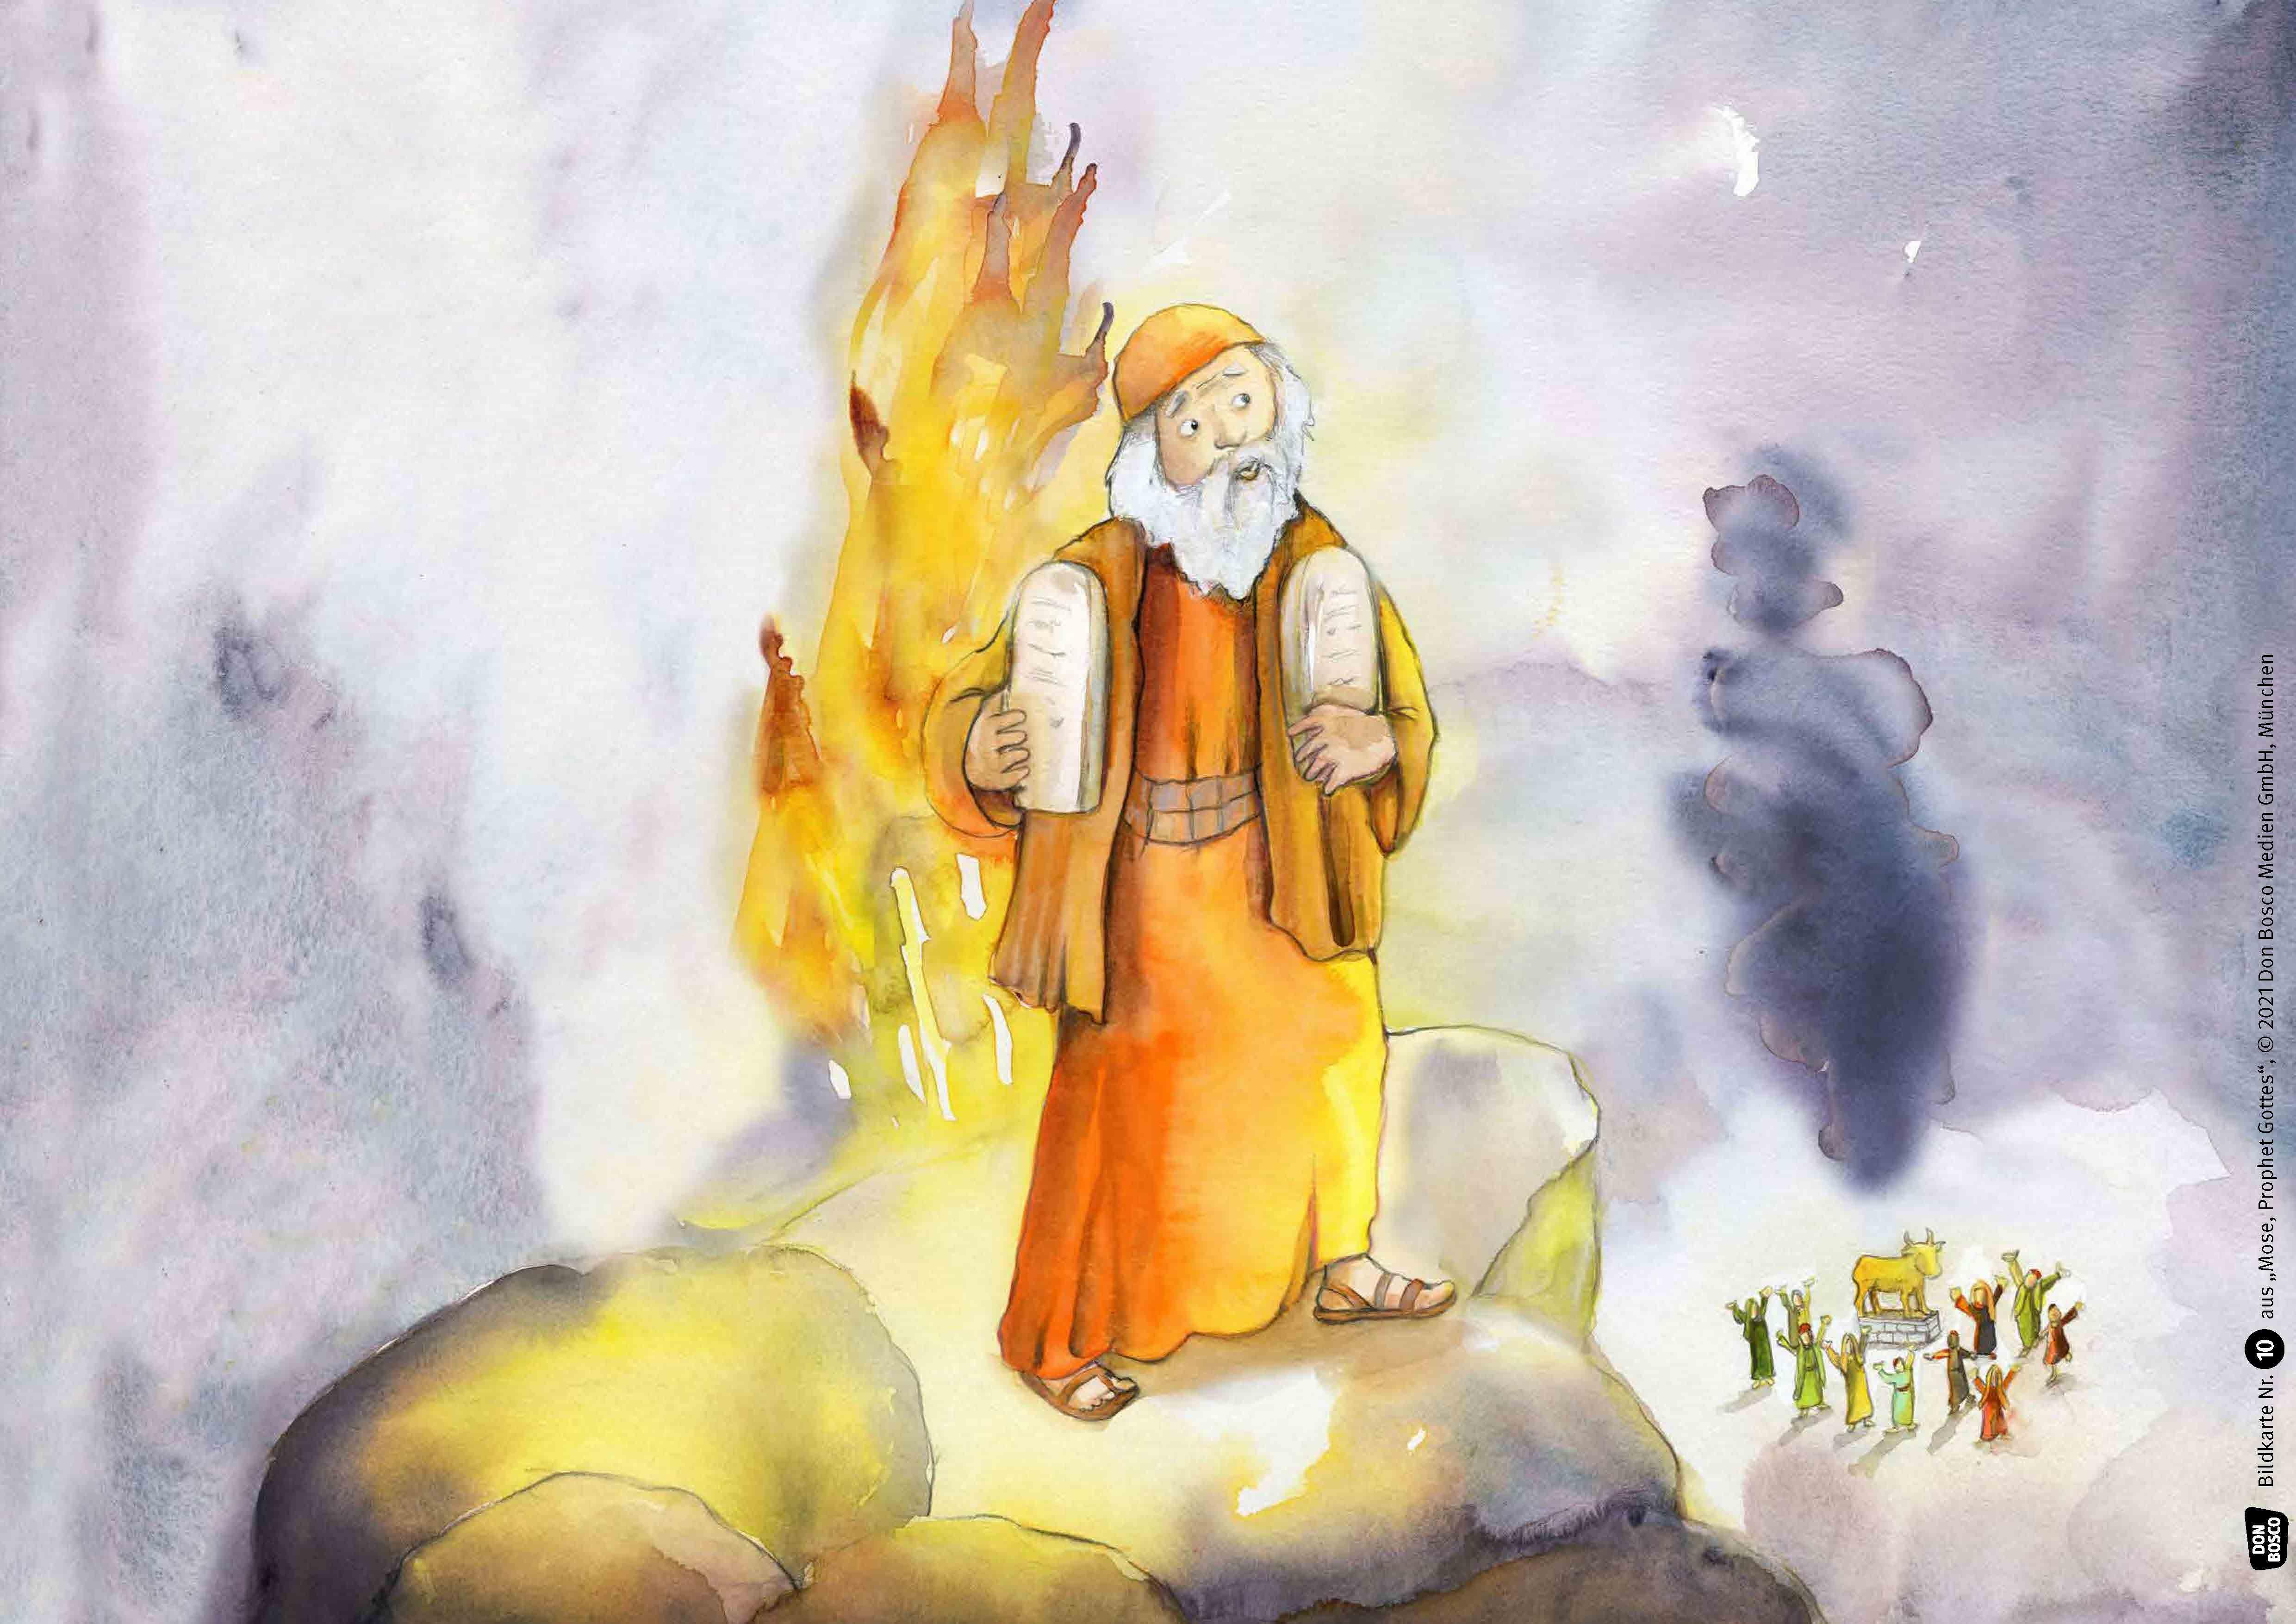 Innenansicht zu Mose, Prophet Gottes. Kamishibai Bildkartenset